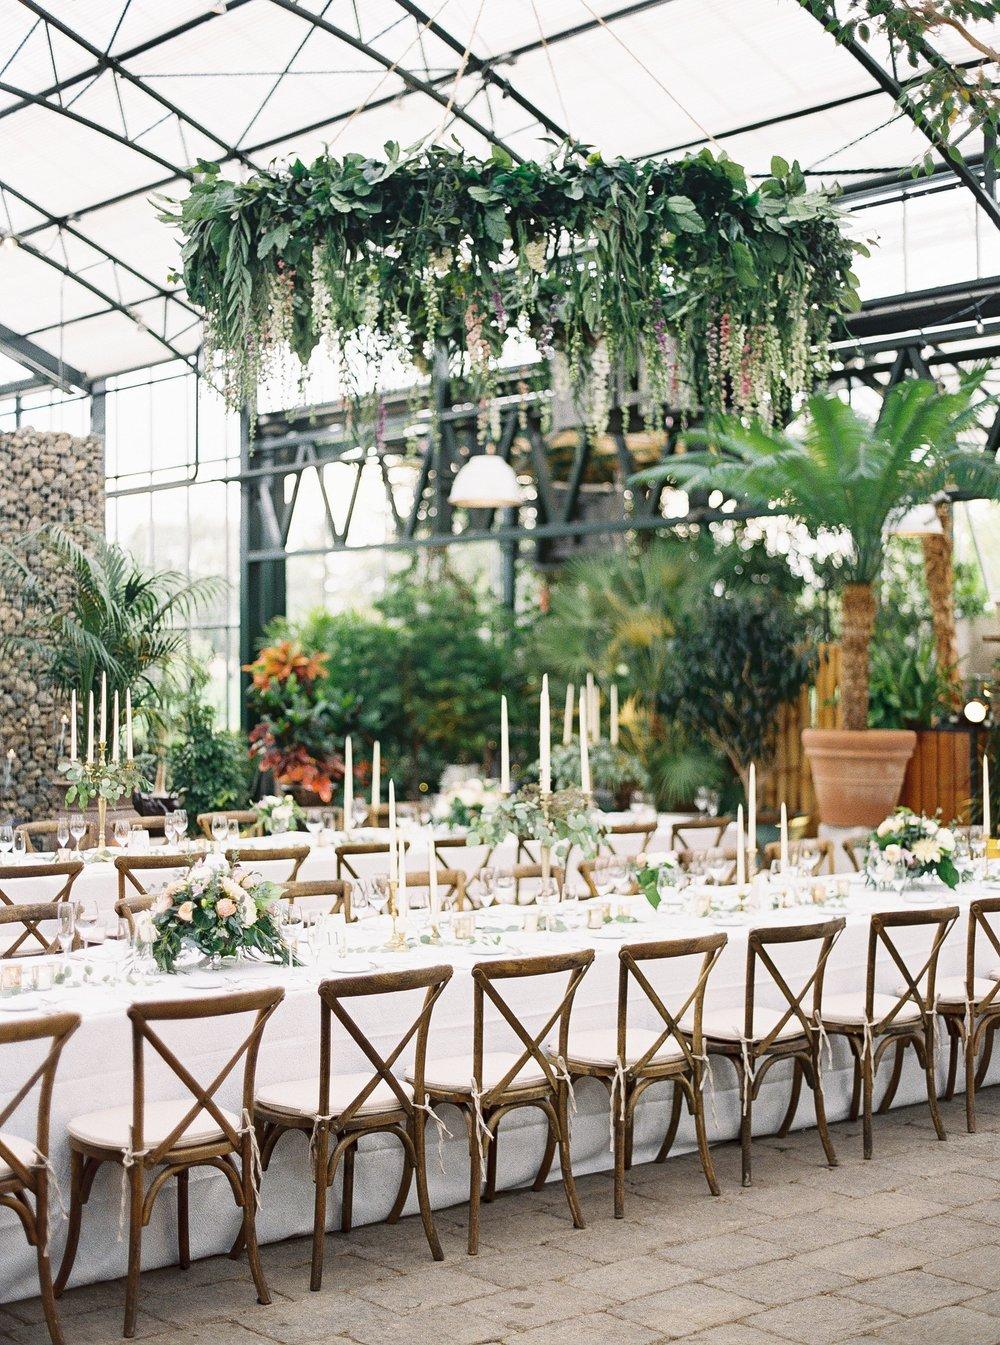 planterra-conservatory-wedding-planner-13